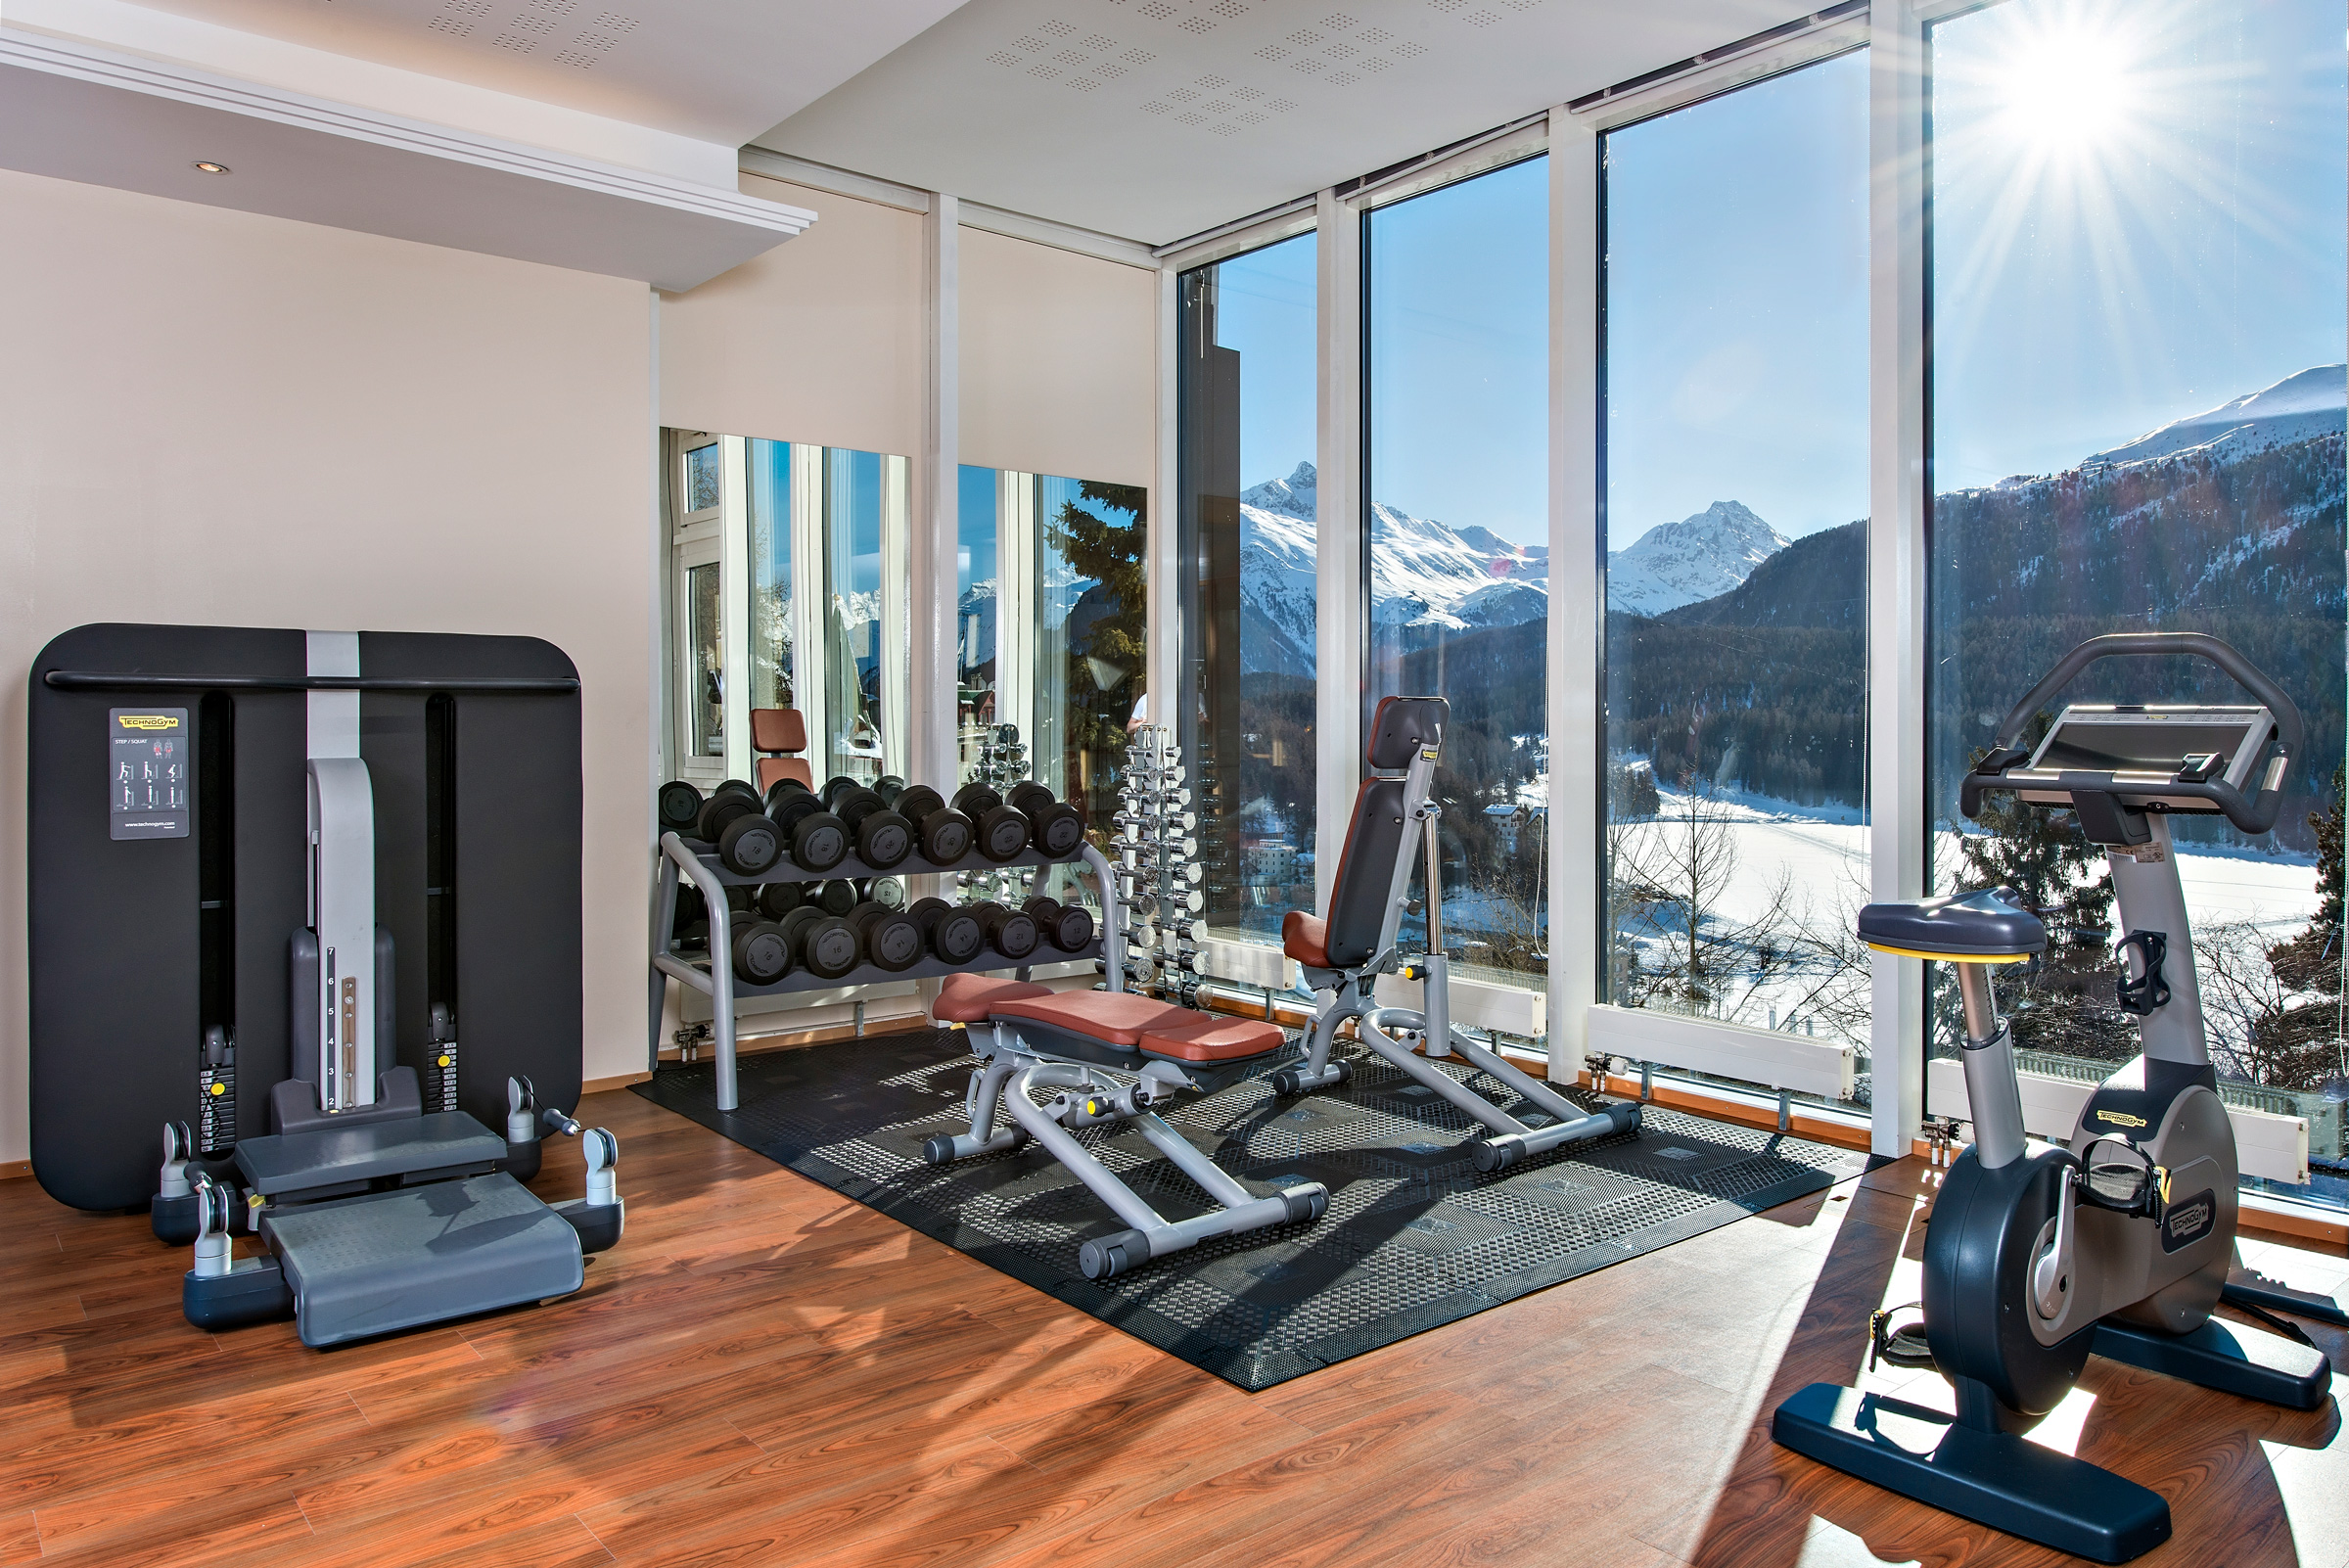 Kulm Spa St. Moritz